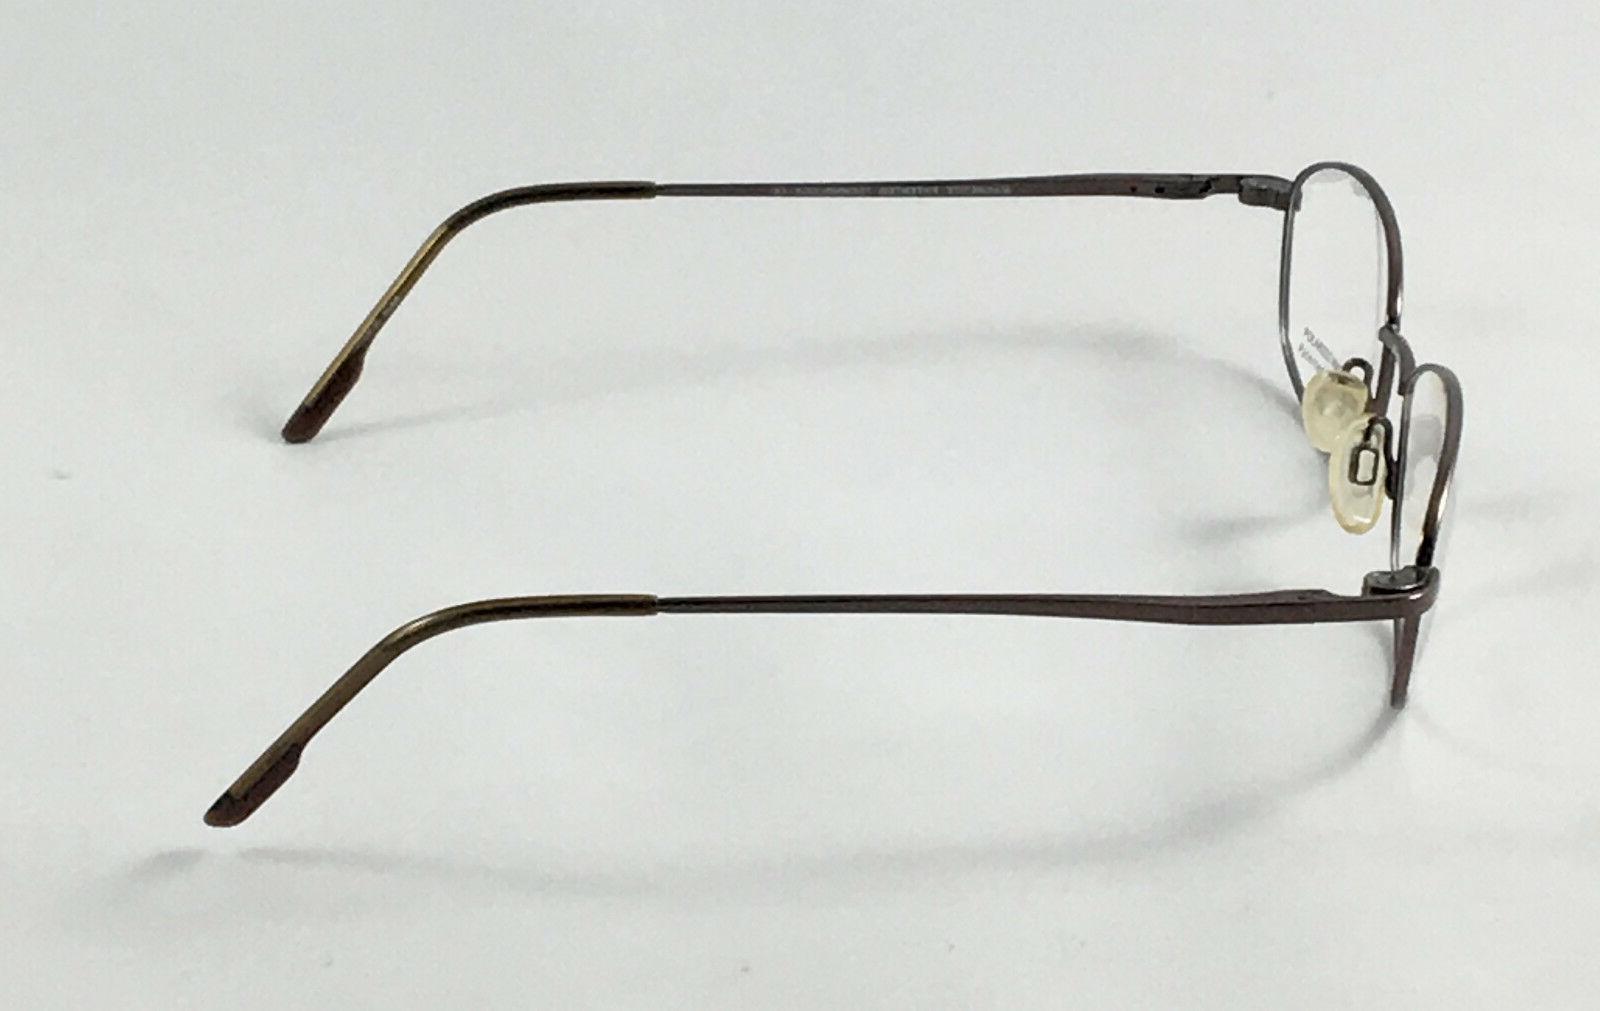 New MAGNETITE Men's Eyeglasses W/ On